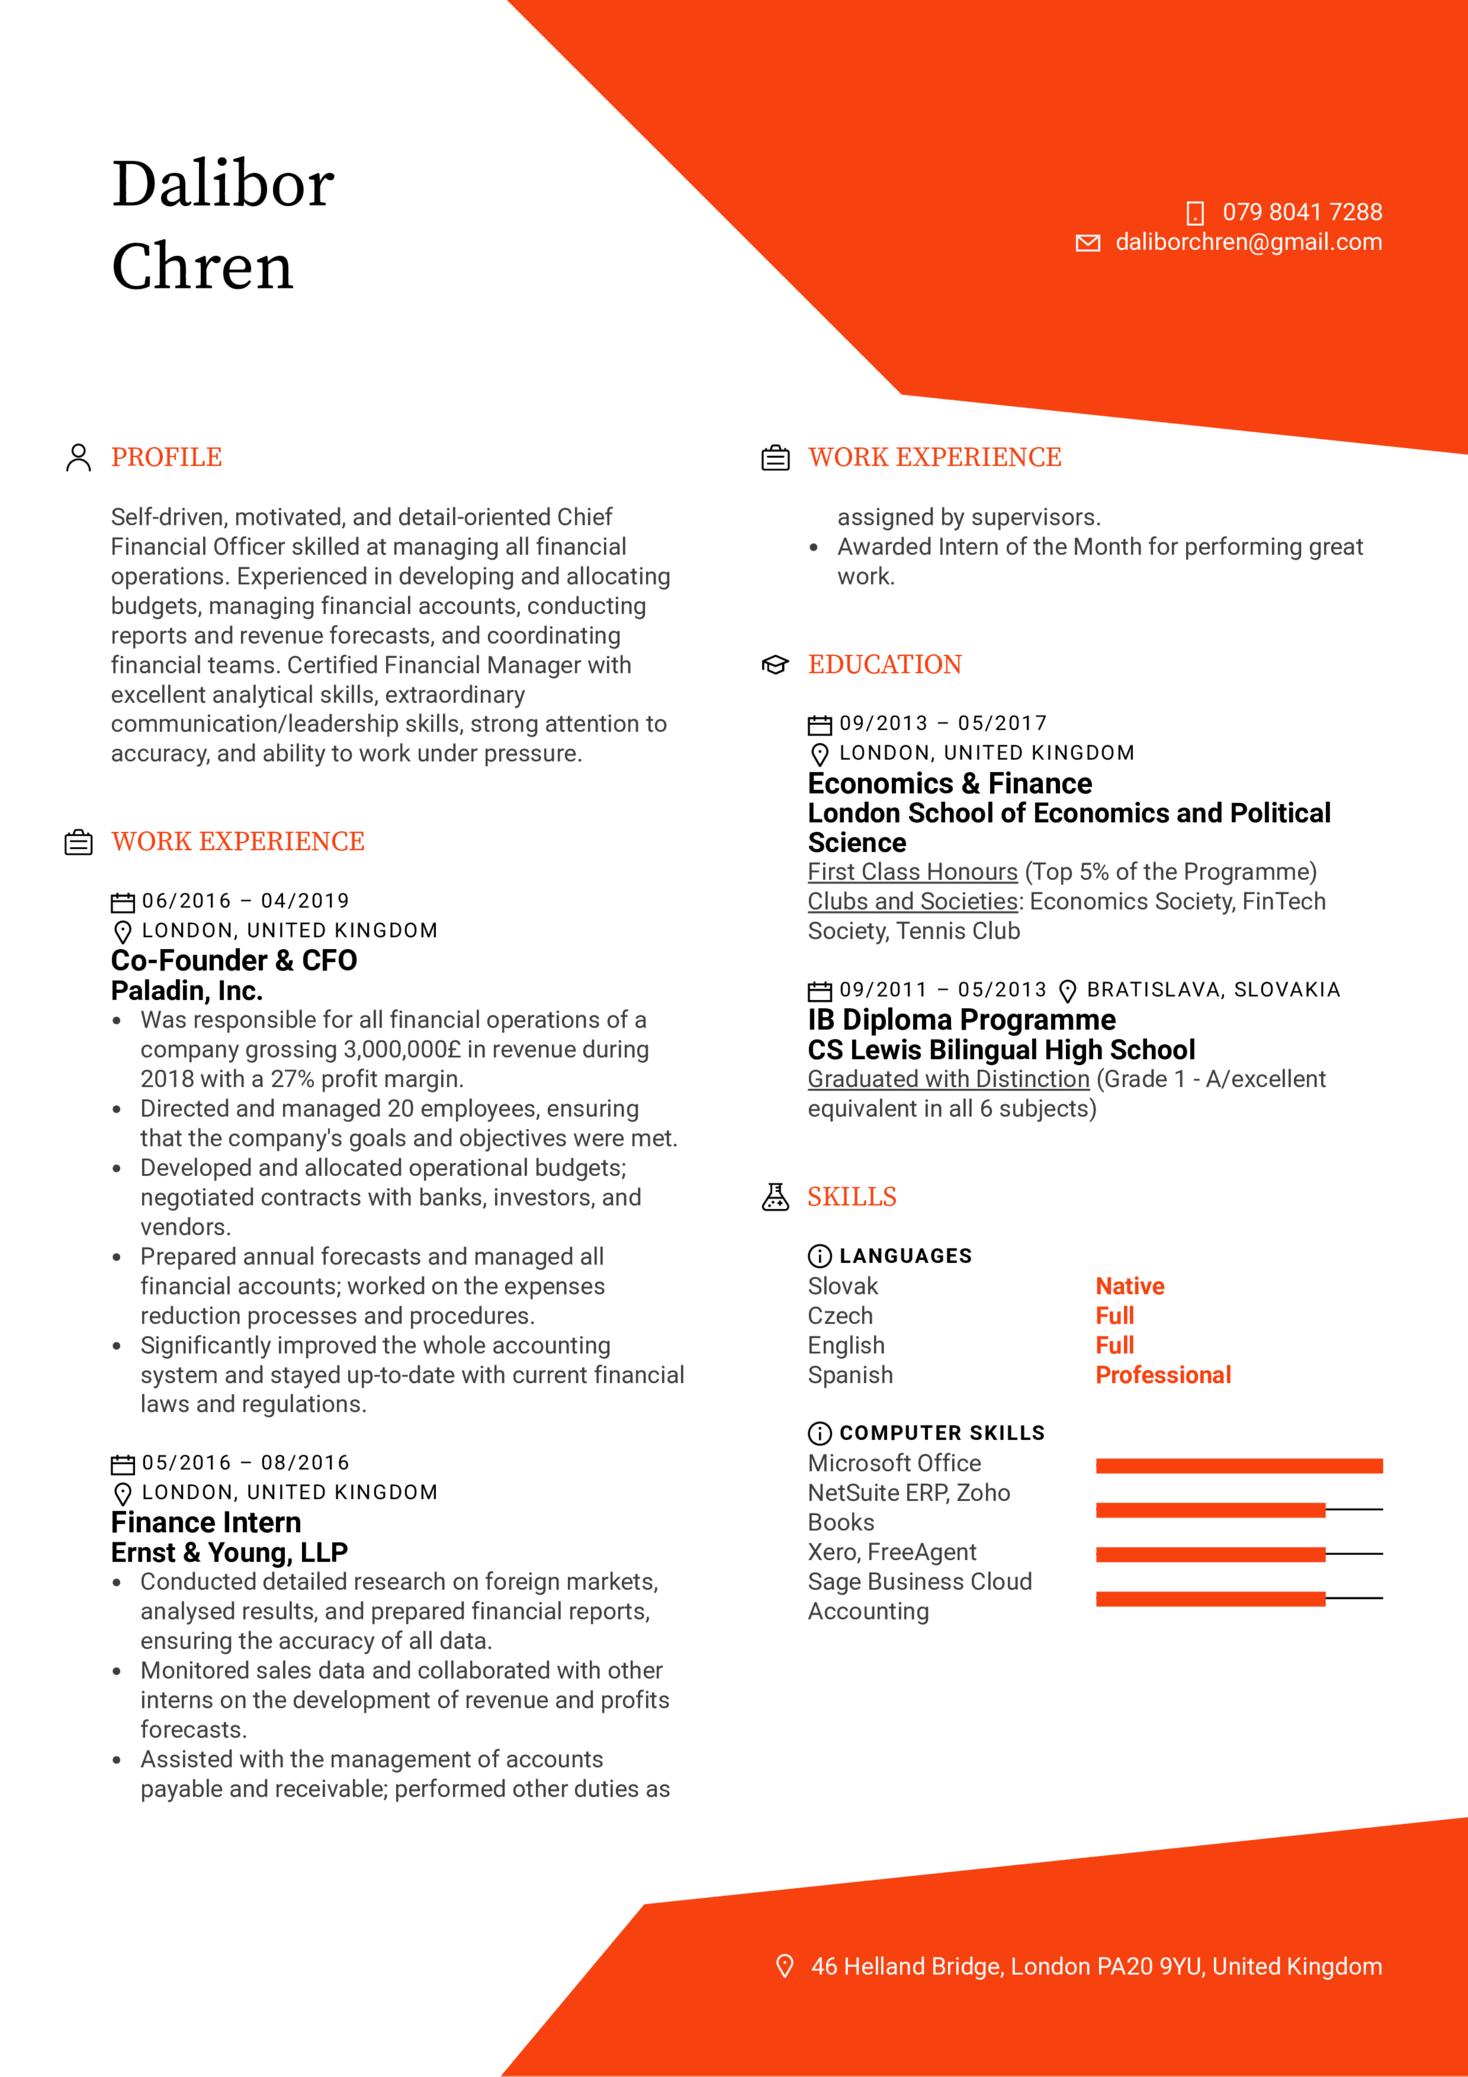 CFO Resume Example (Part 1)